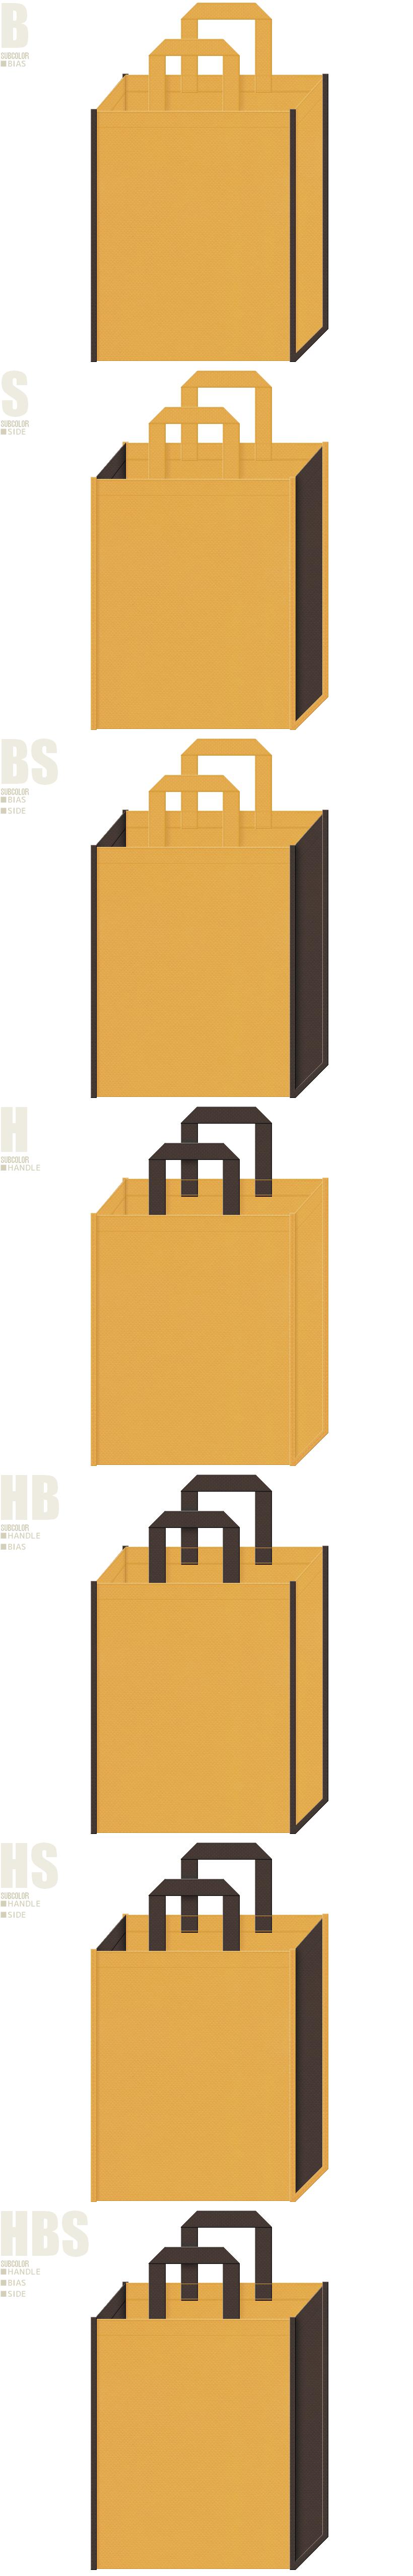 木製インテリア・木製玩具のショッピングバッグにお奨めの、黄土色とこげ茶色、7パターンの不織布トートバッグ配色デザイン例。